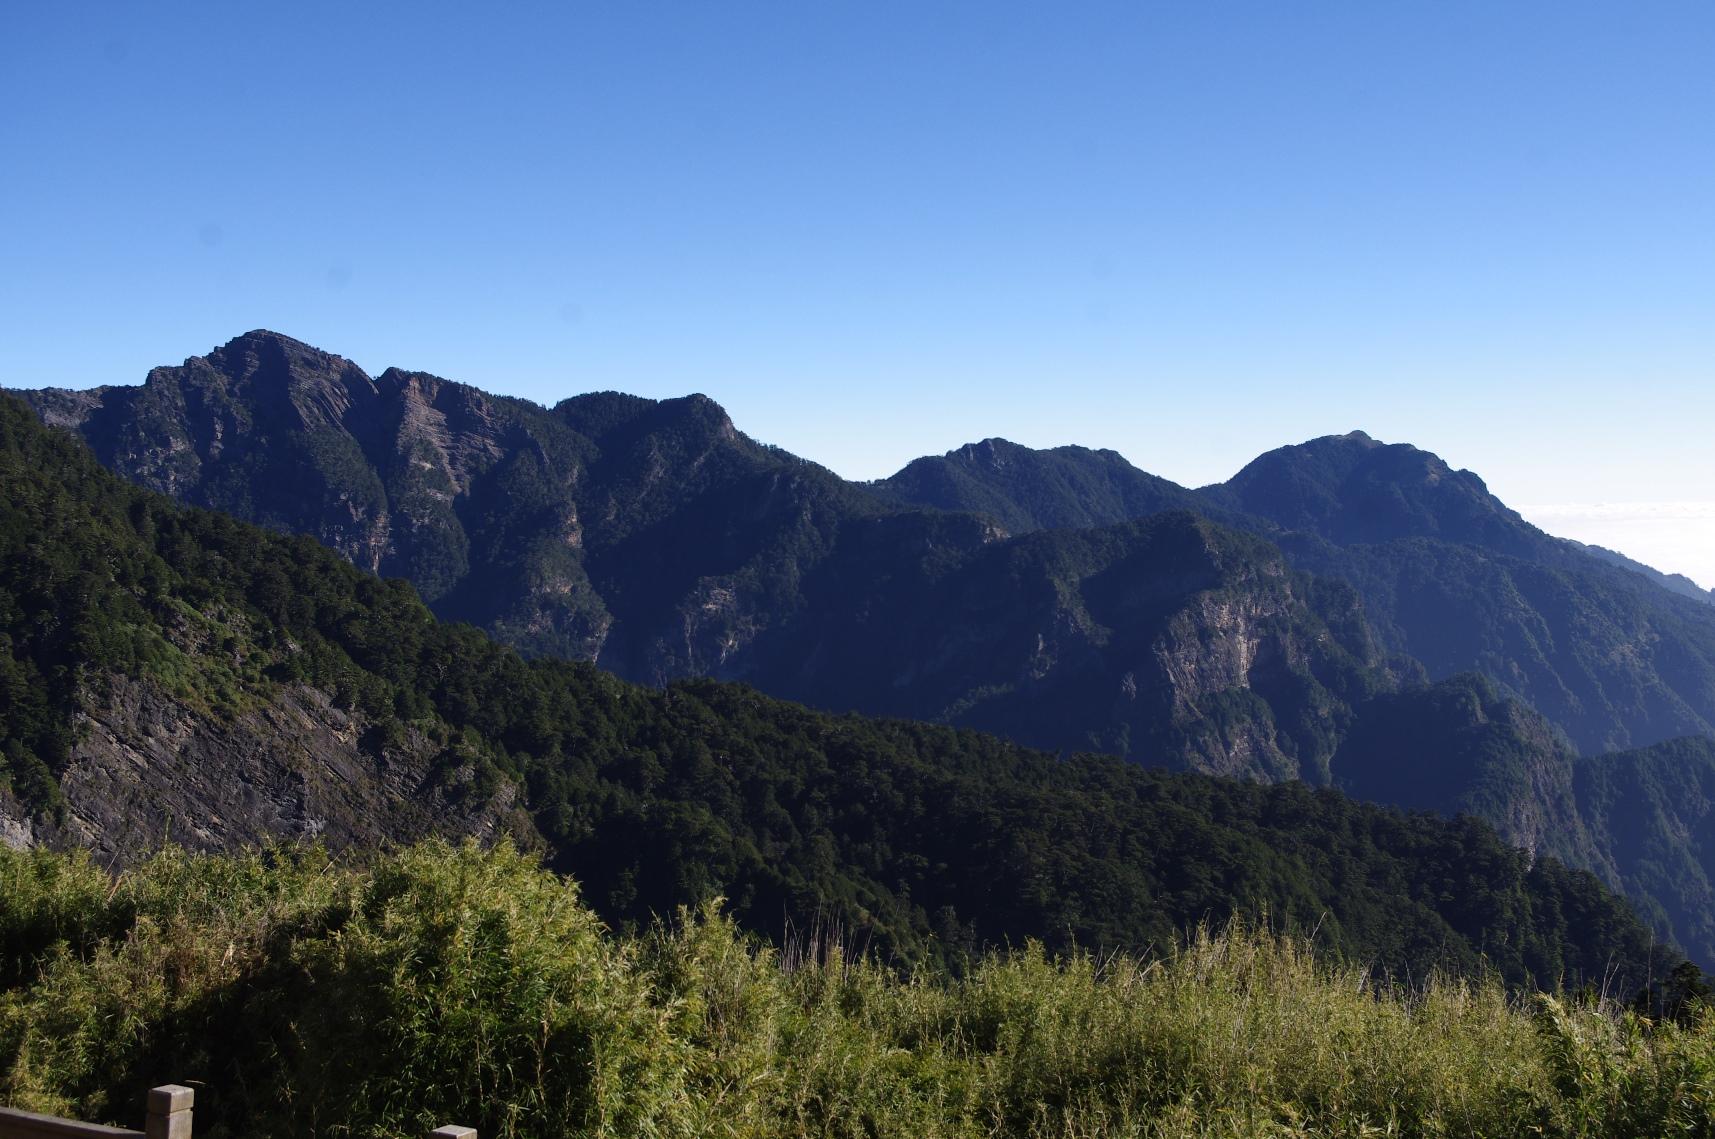 台湾百岳の武陵四秀の山々を望む